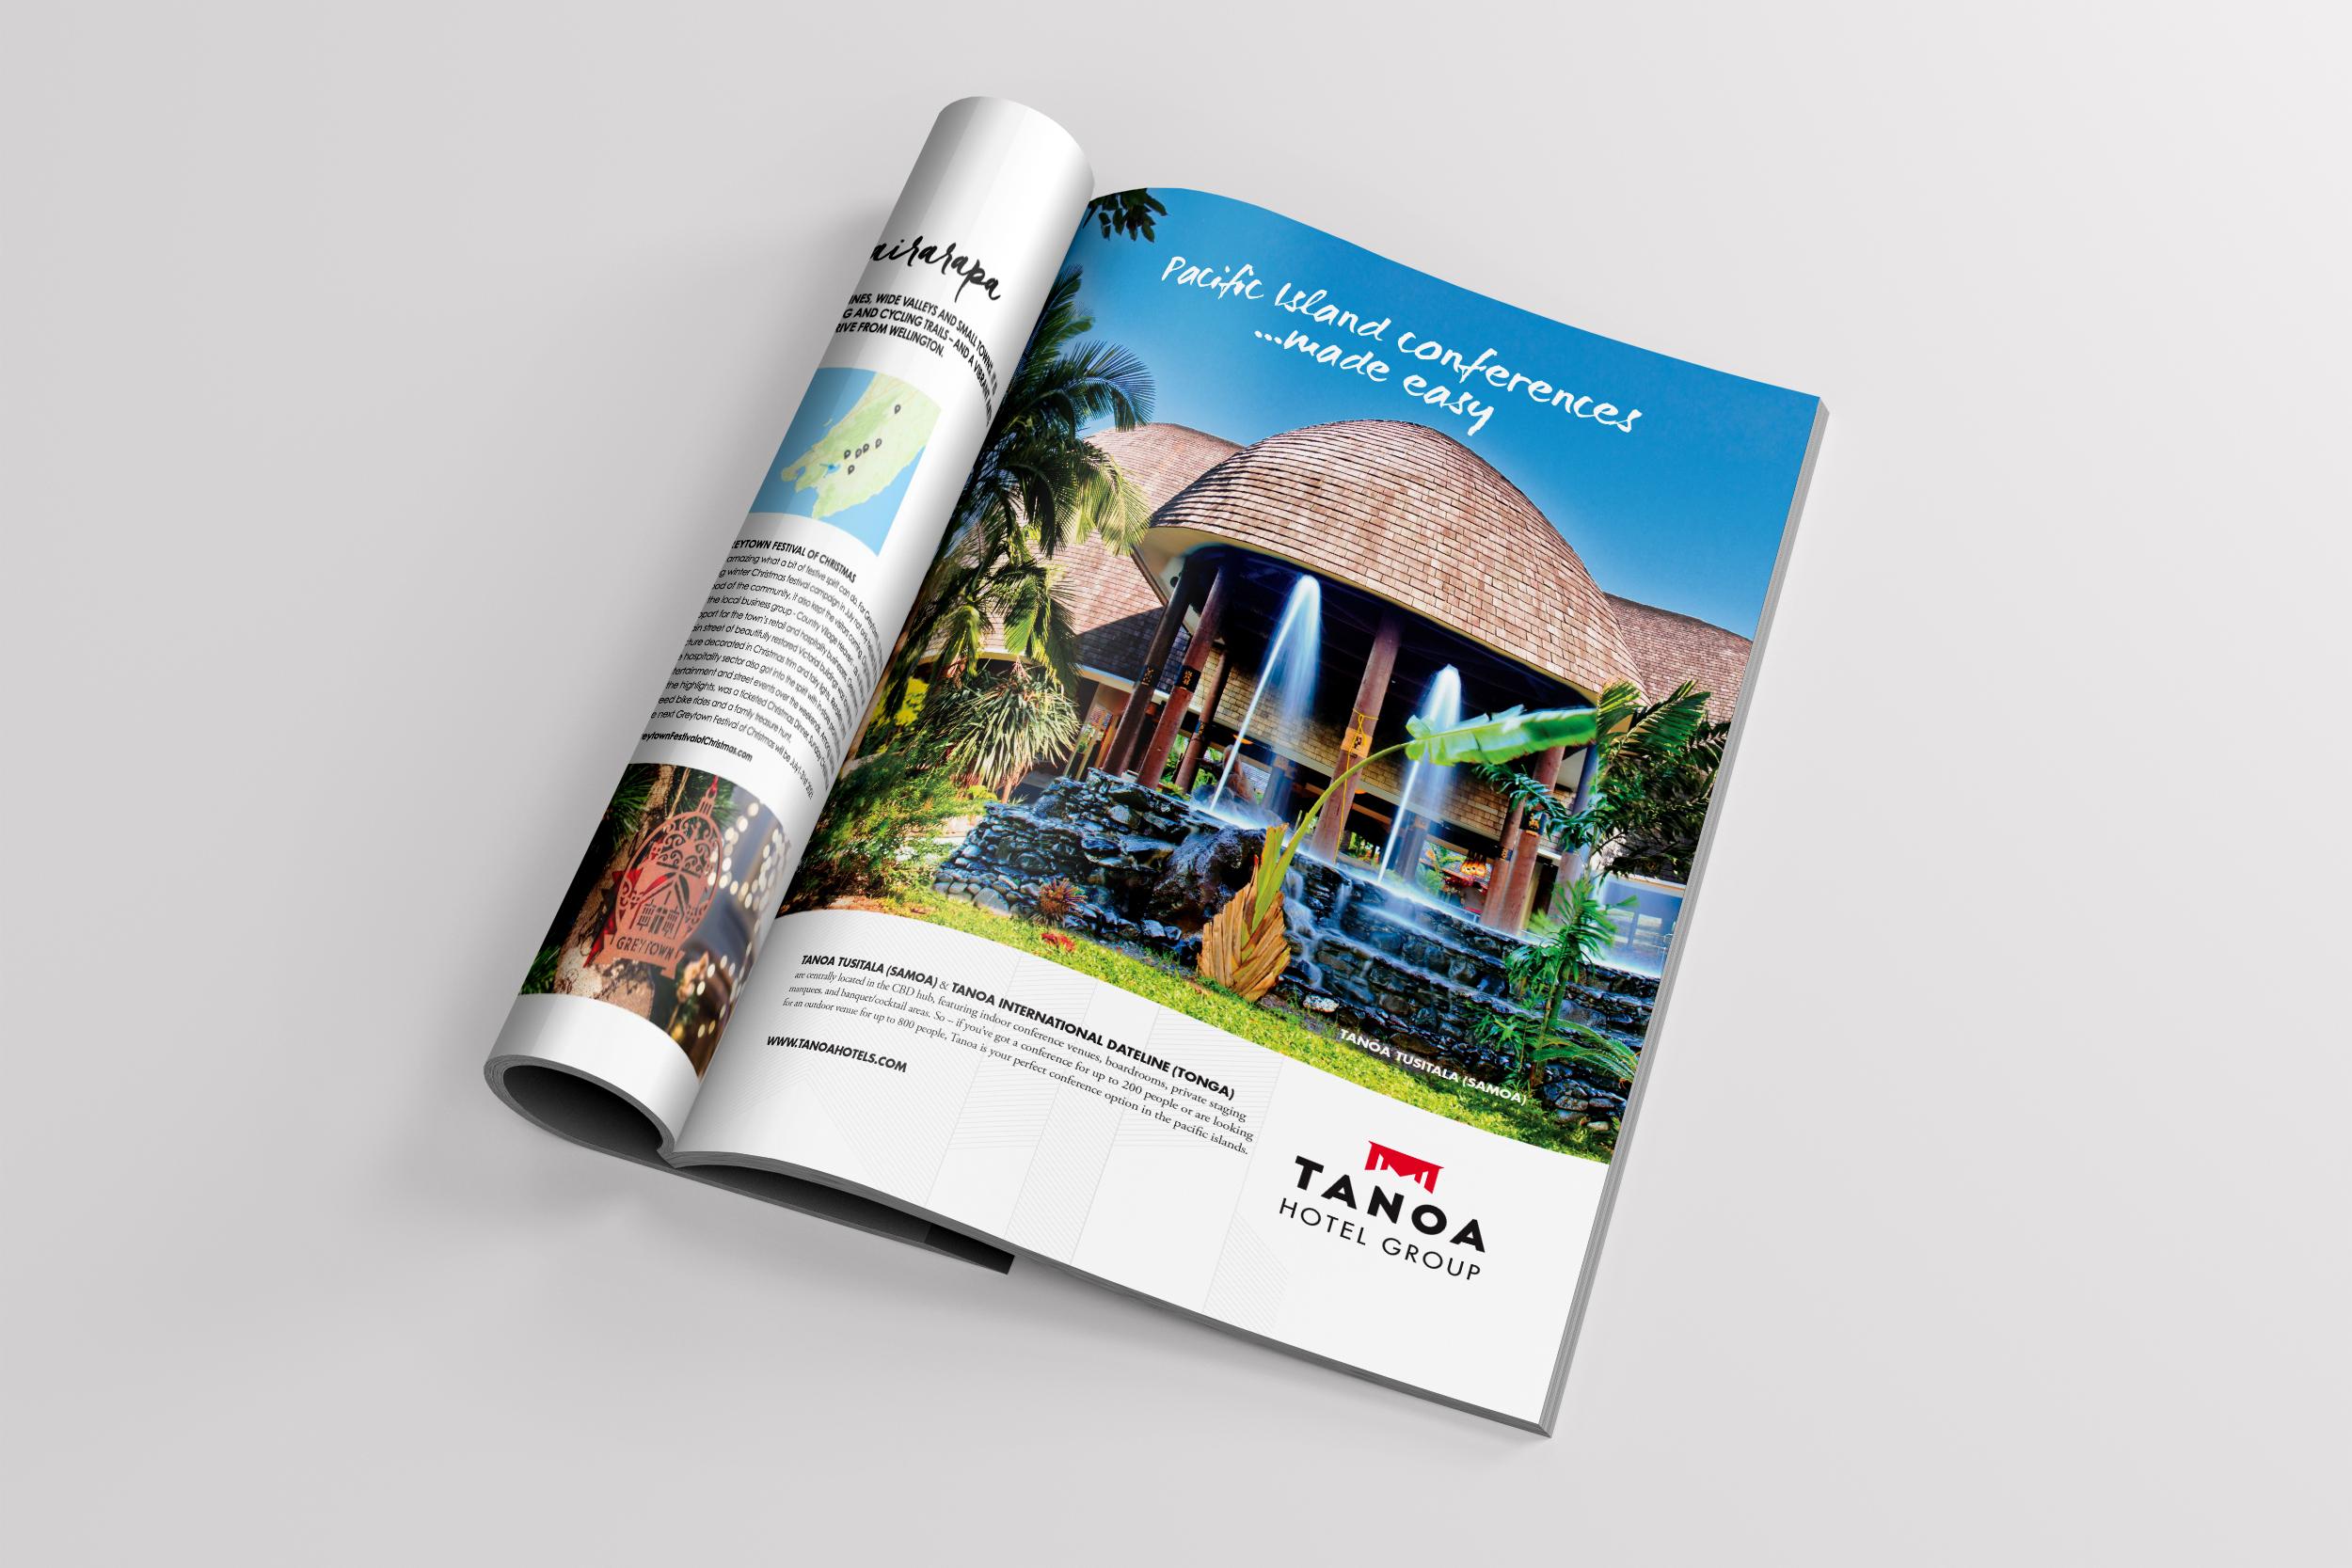 Tanoa-magazine-folded